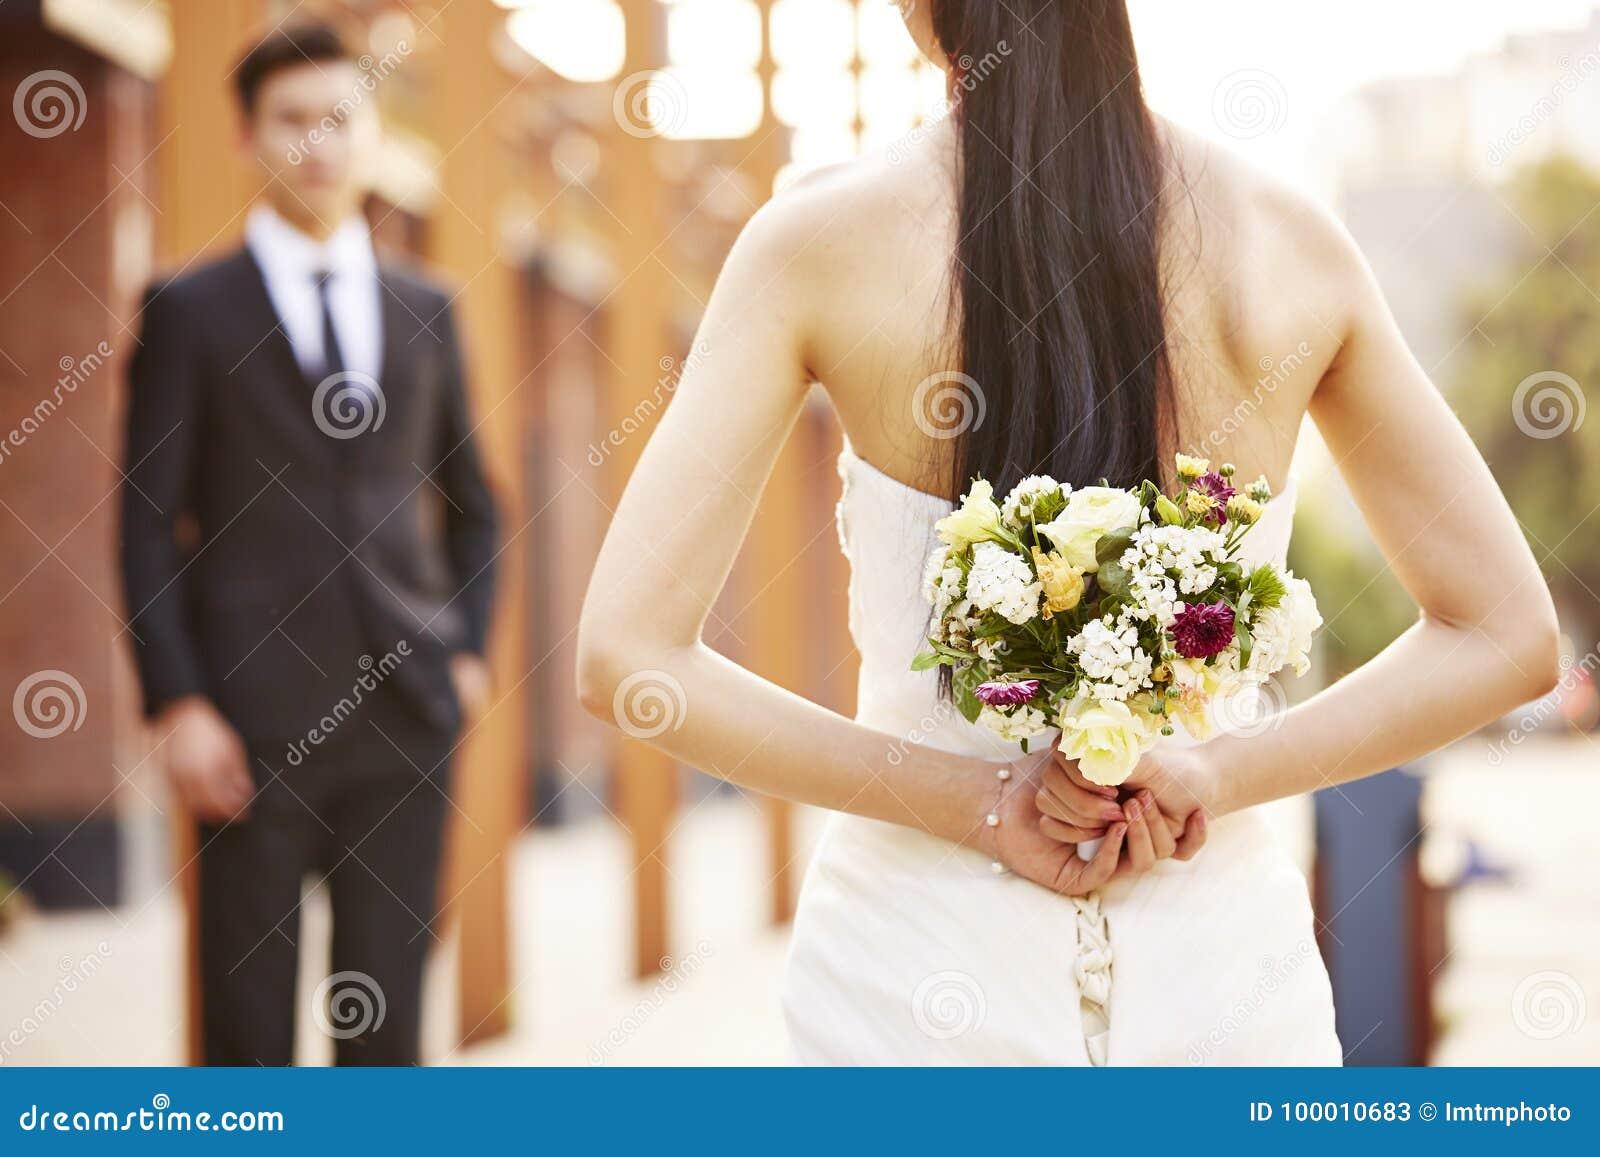 Νύφη και νεόνυμφος στο γάμο